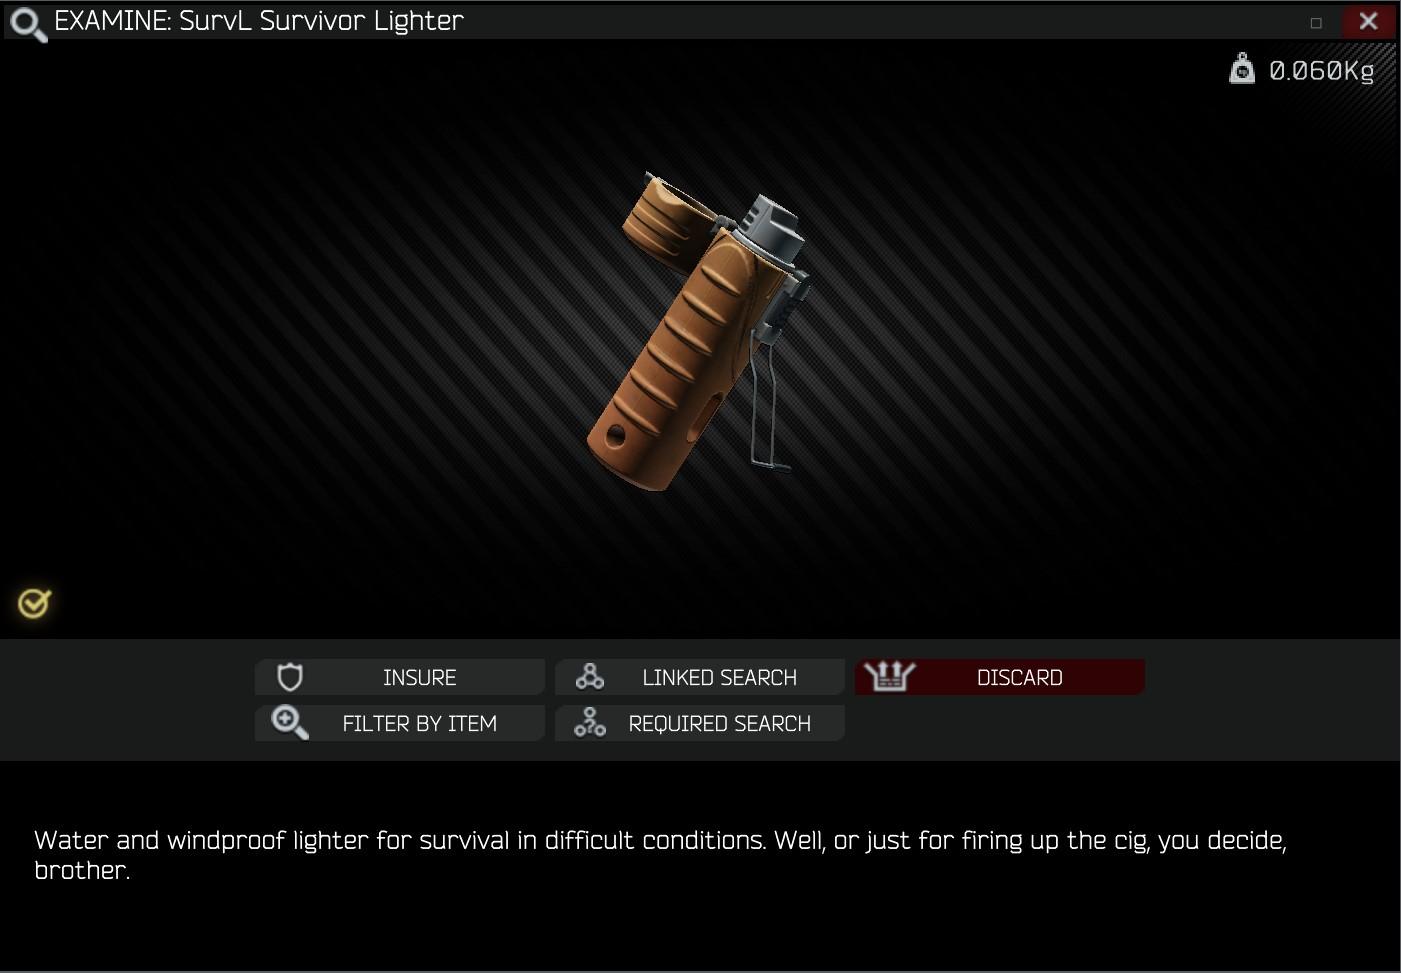 Survl Survivor Lighter.jpg